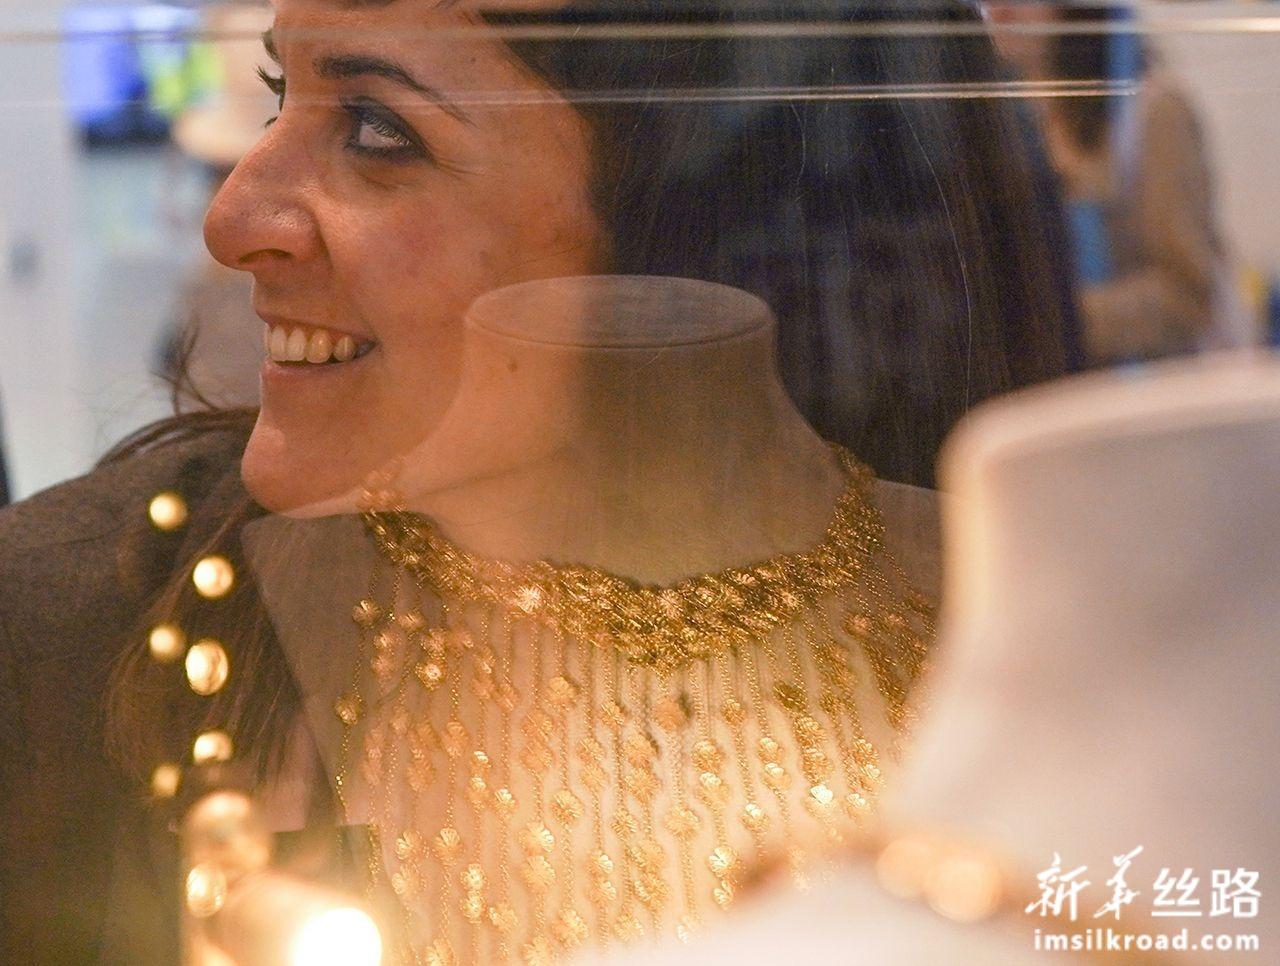 11月6日,参观者在第二届进博会希腊国家馆参观。新华社记者 殷刚 摄